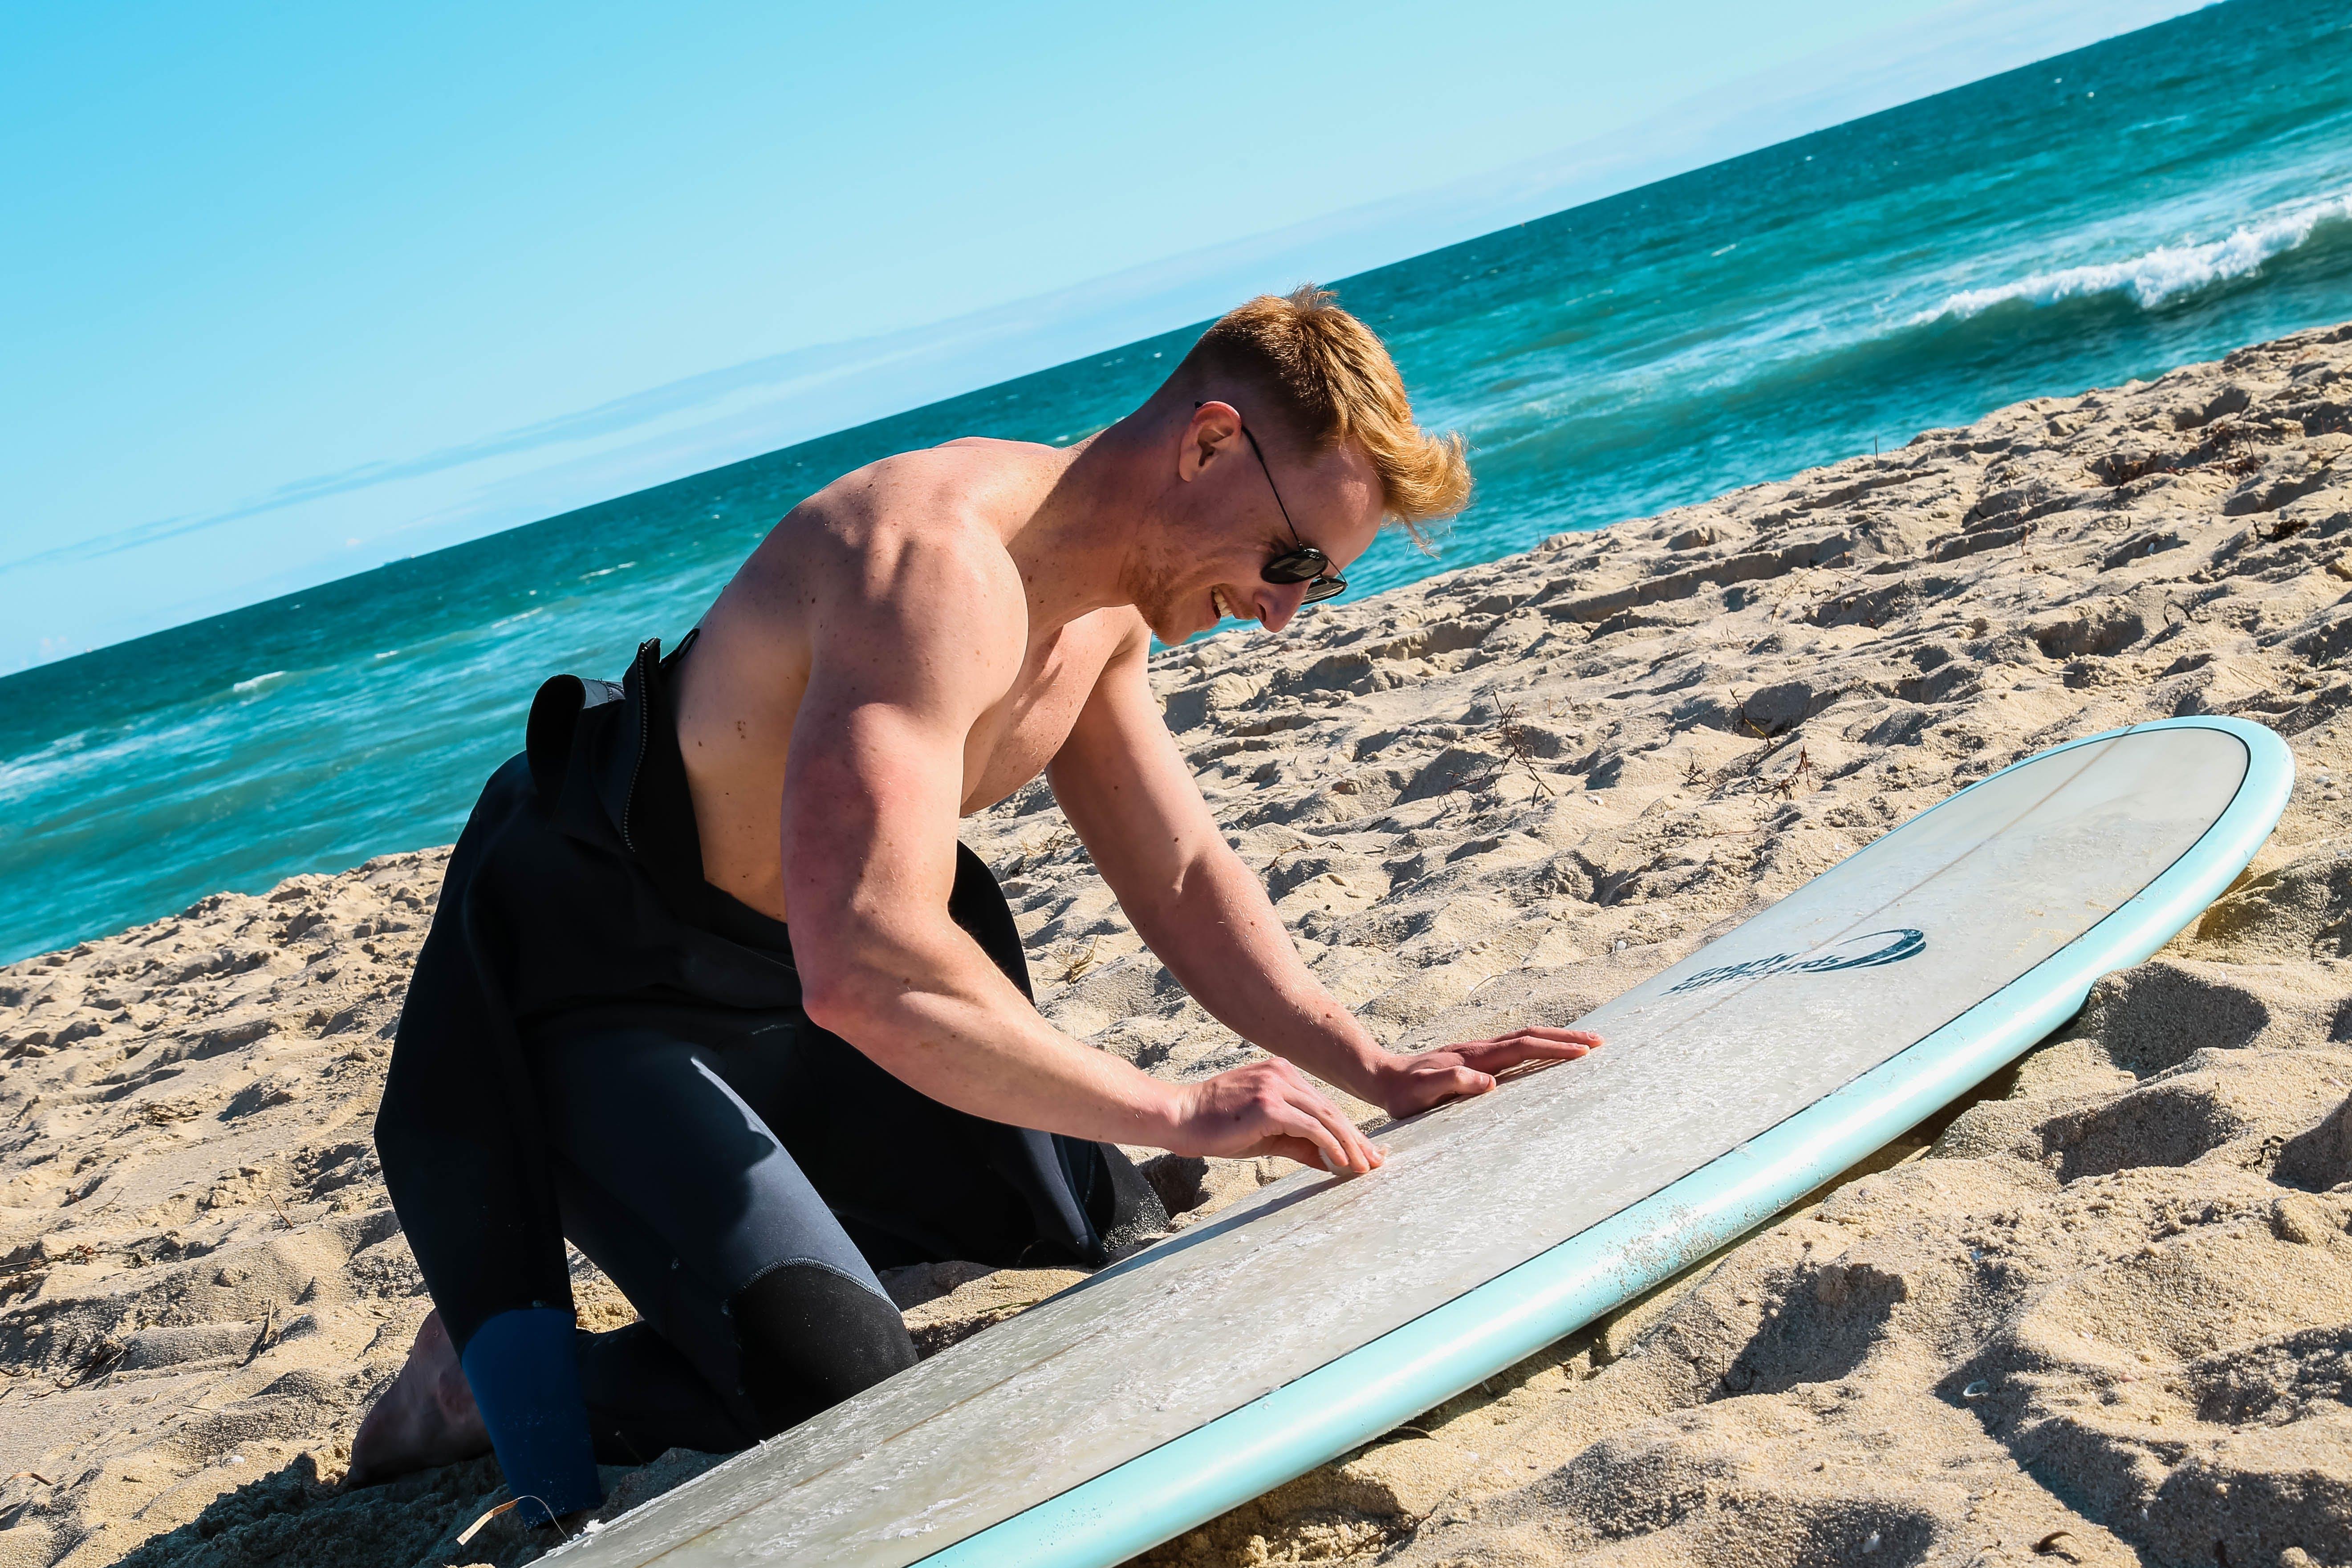 Man Waxing Surfboard on Beach